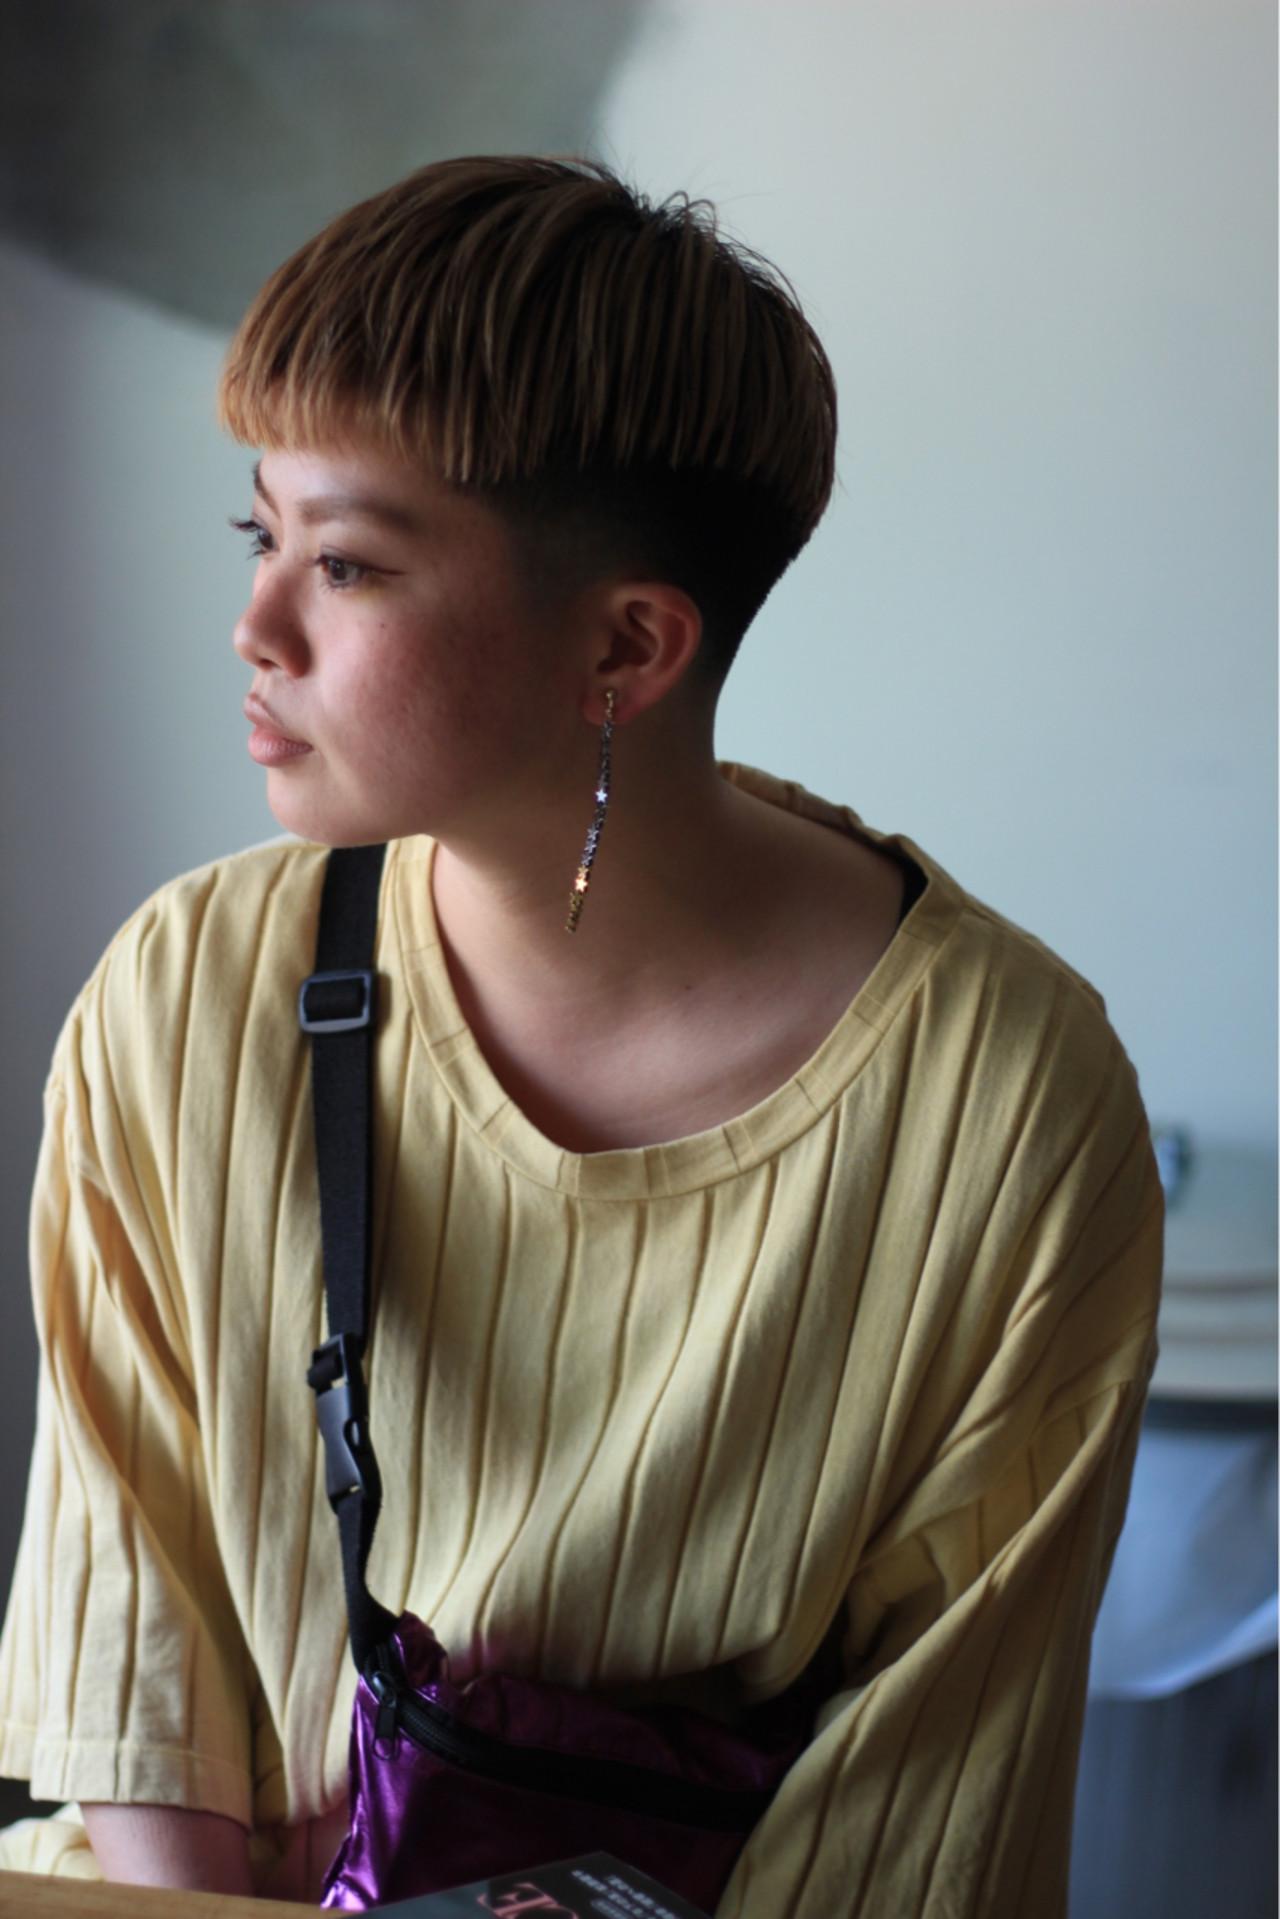 ショート ストリート スポーツ 外国人風 ヘアスタイルや髪型の写真・画像 | 馬渡 次郎 / corsair